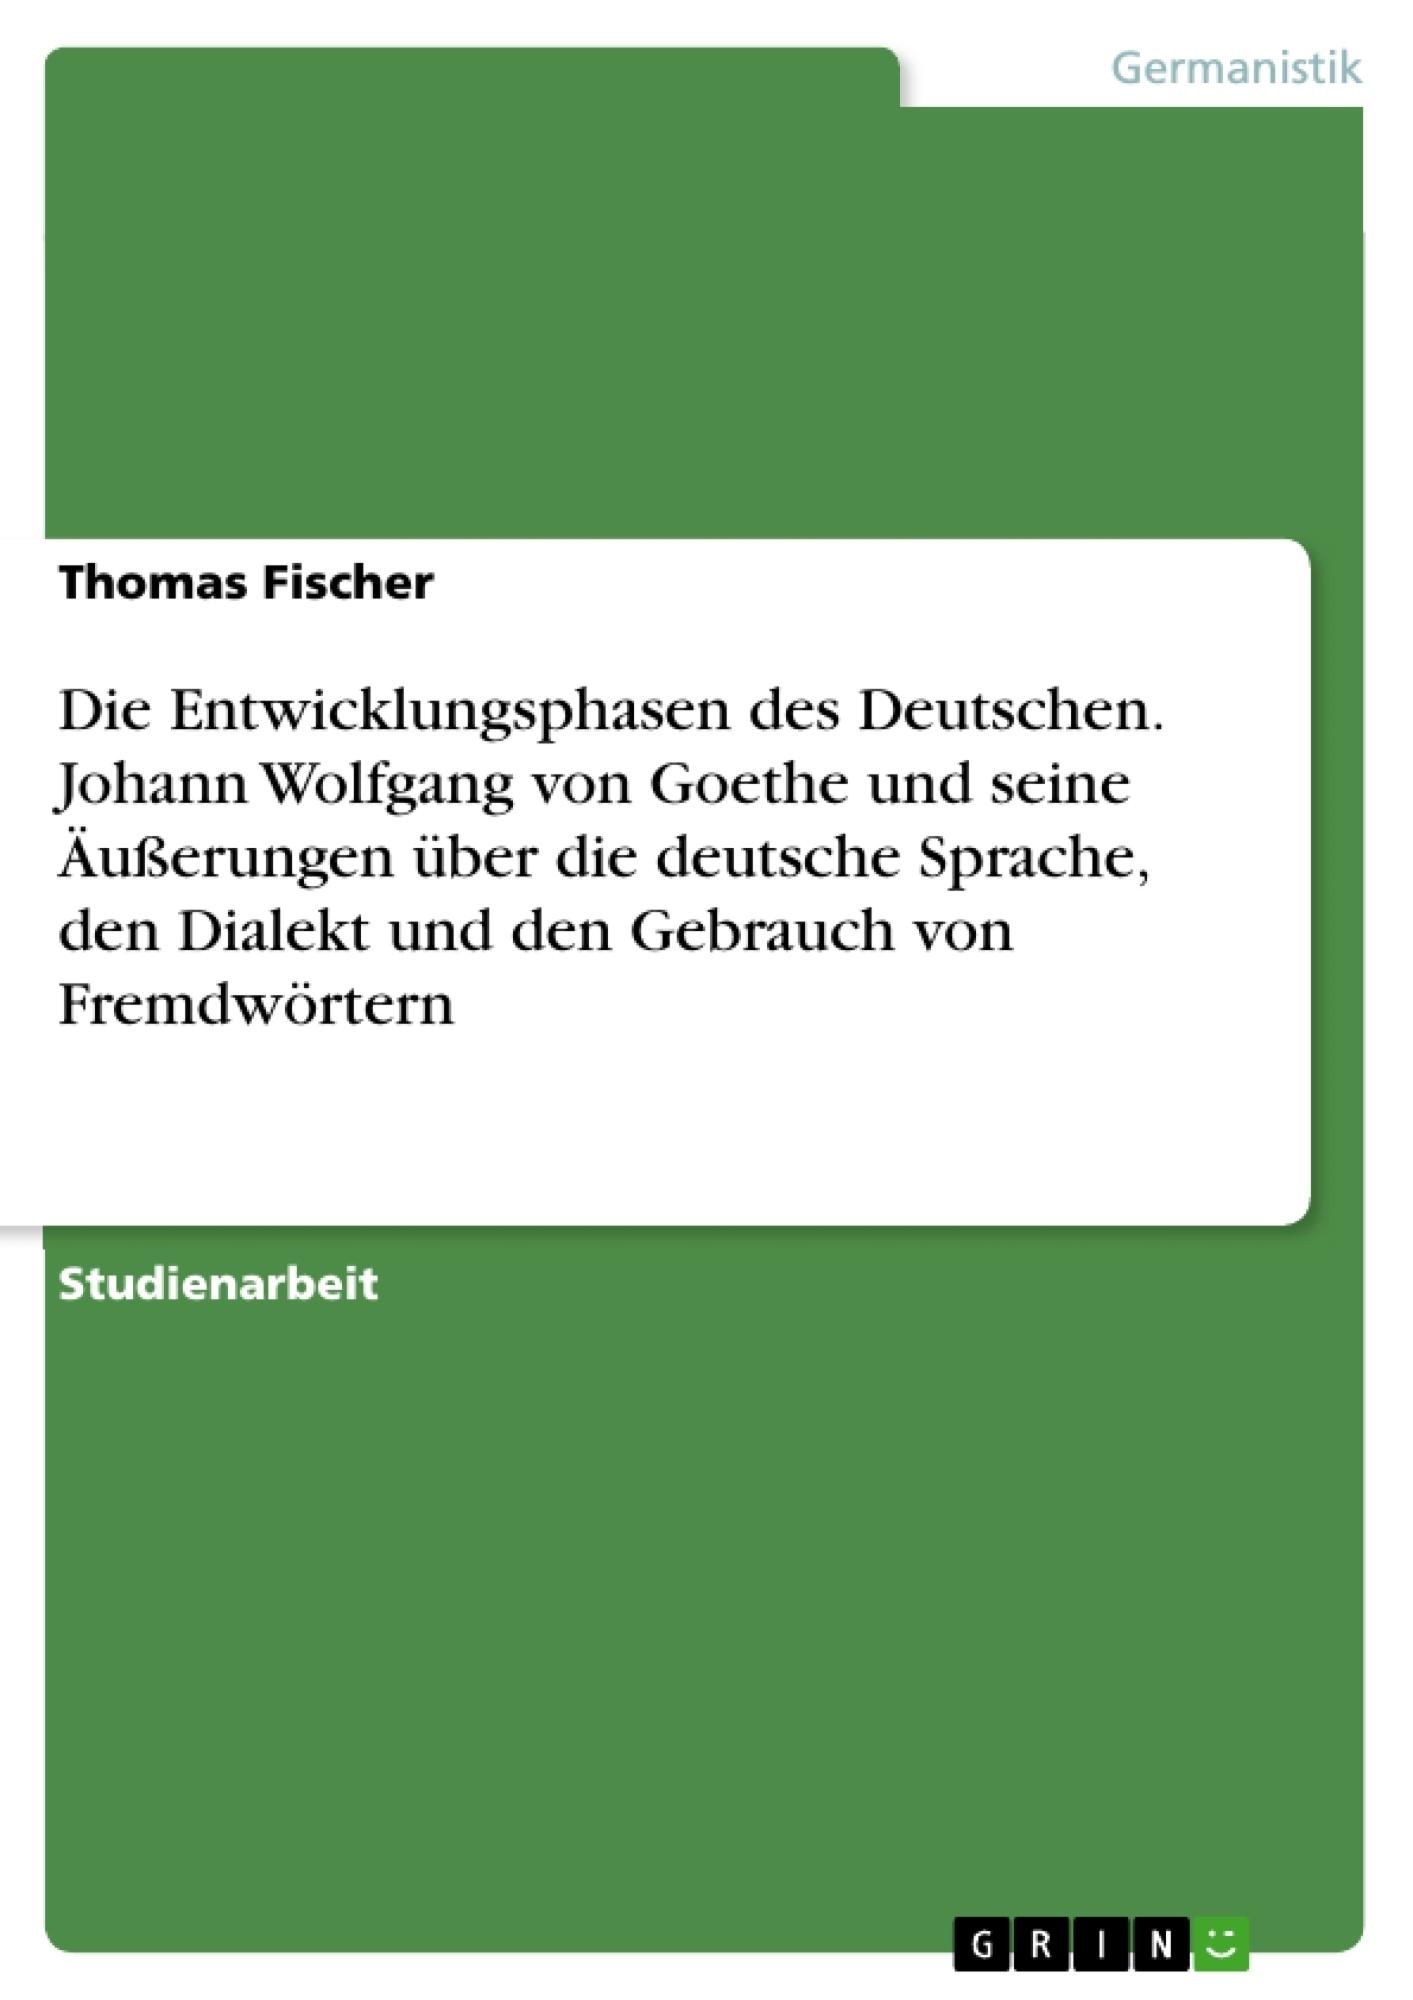 Titel: Die Entwicklungsphasen des Deutschen. Johann Wolfgang von Goethe und seine Äußerungen über die deutsche Sprache, den Dialekt und den Gebrauch von Fremdwörtern